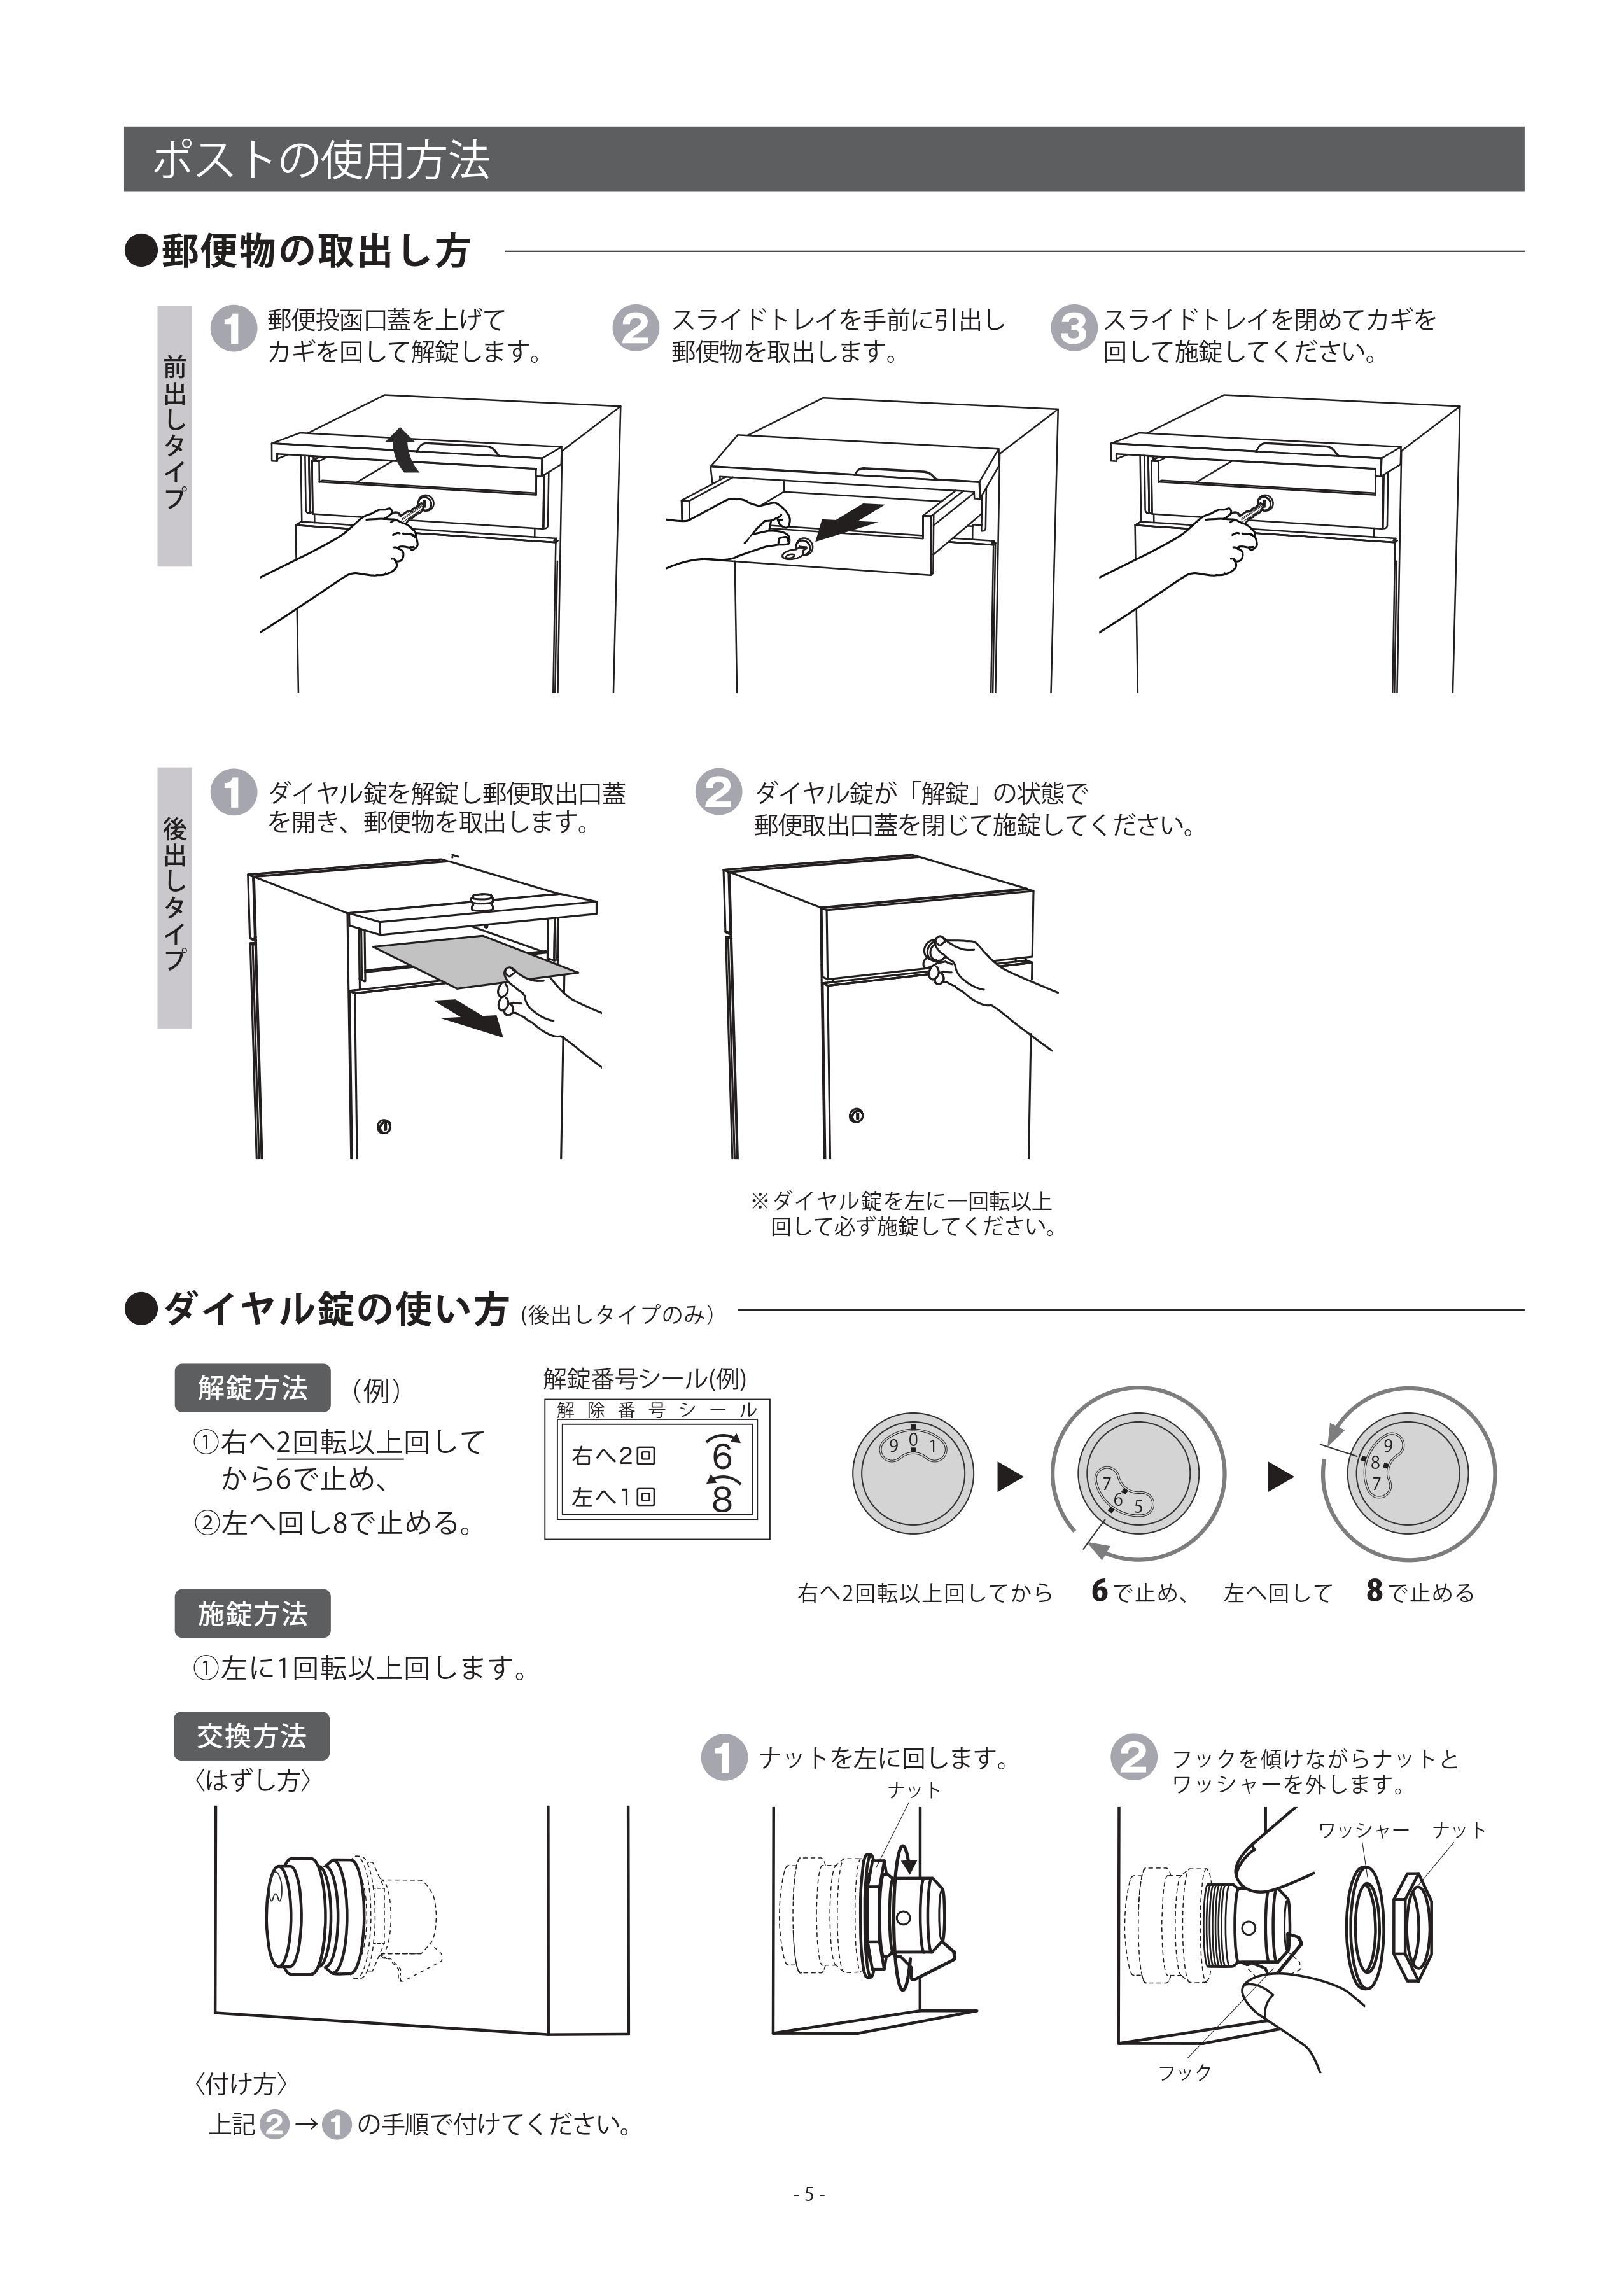 ヴィコDB埋込用台座_取扱説明書 (5)